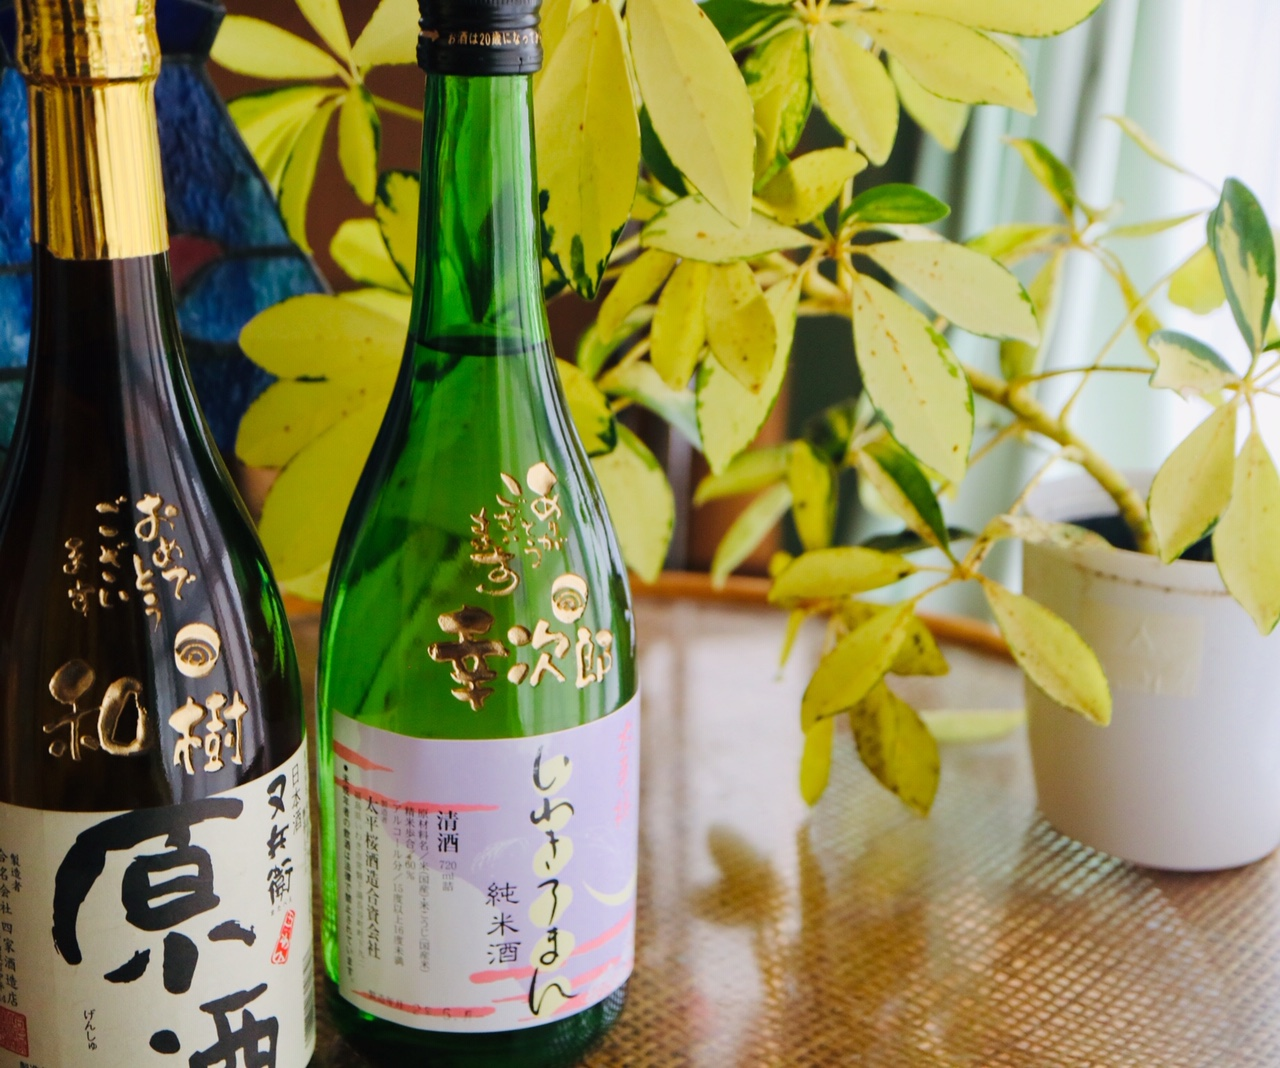 美酒ぞろいの福島県のお酒に名入れ彫刻します♬